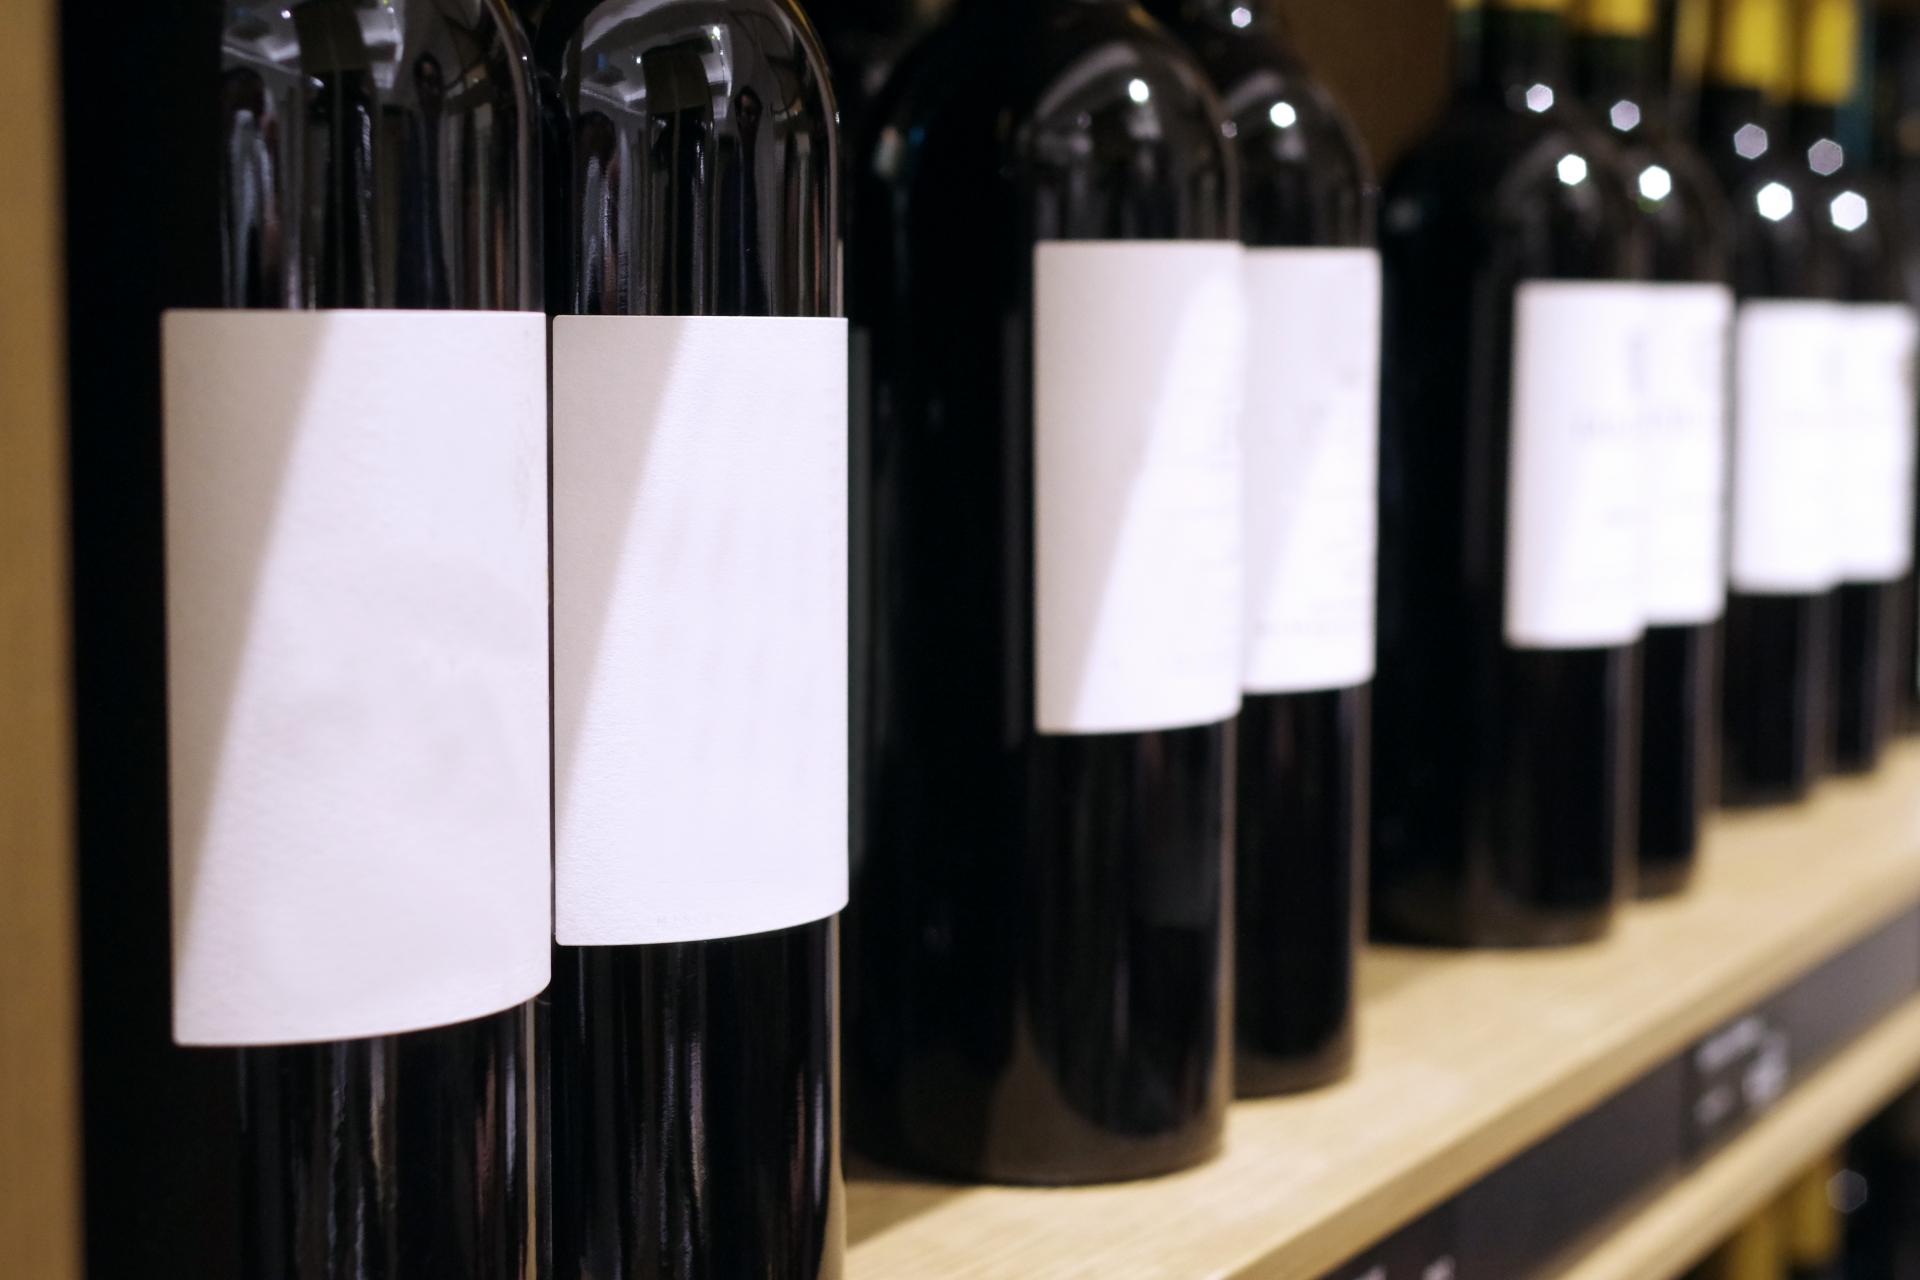 名入れ彫刻ボトル梅酒をお世話になった上司にプレゼントした話